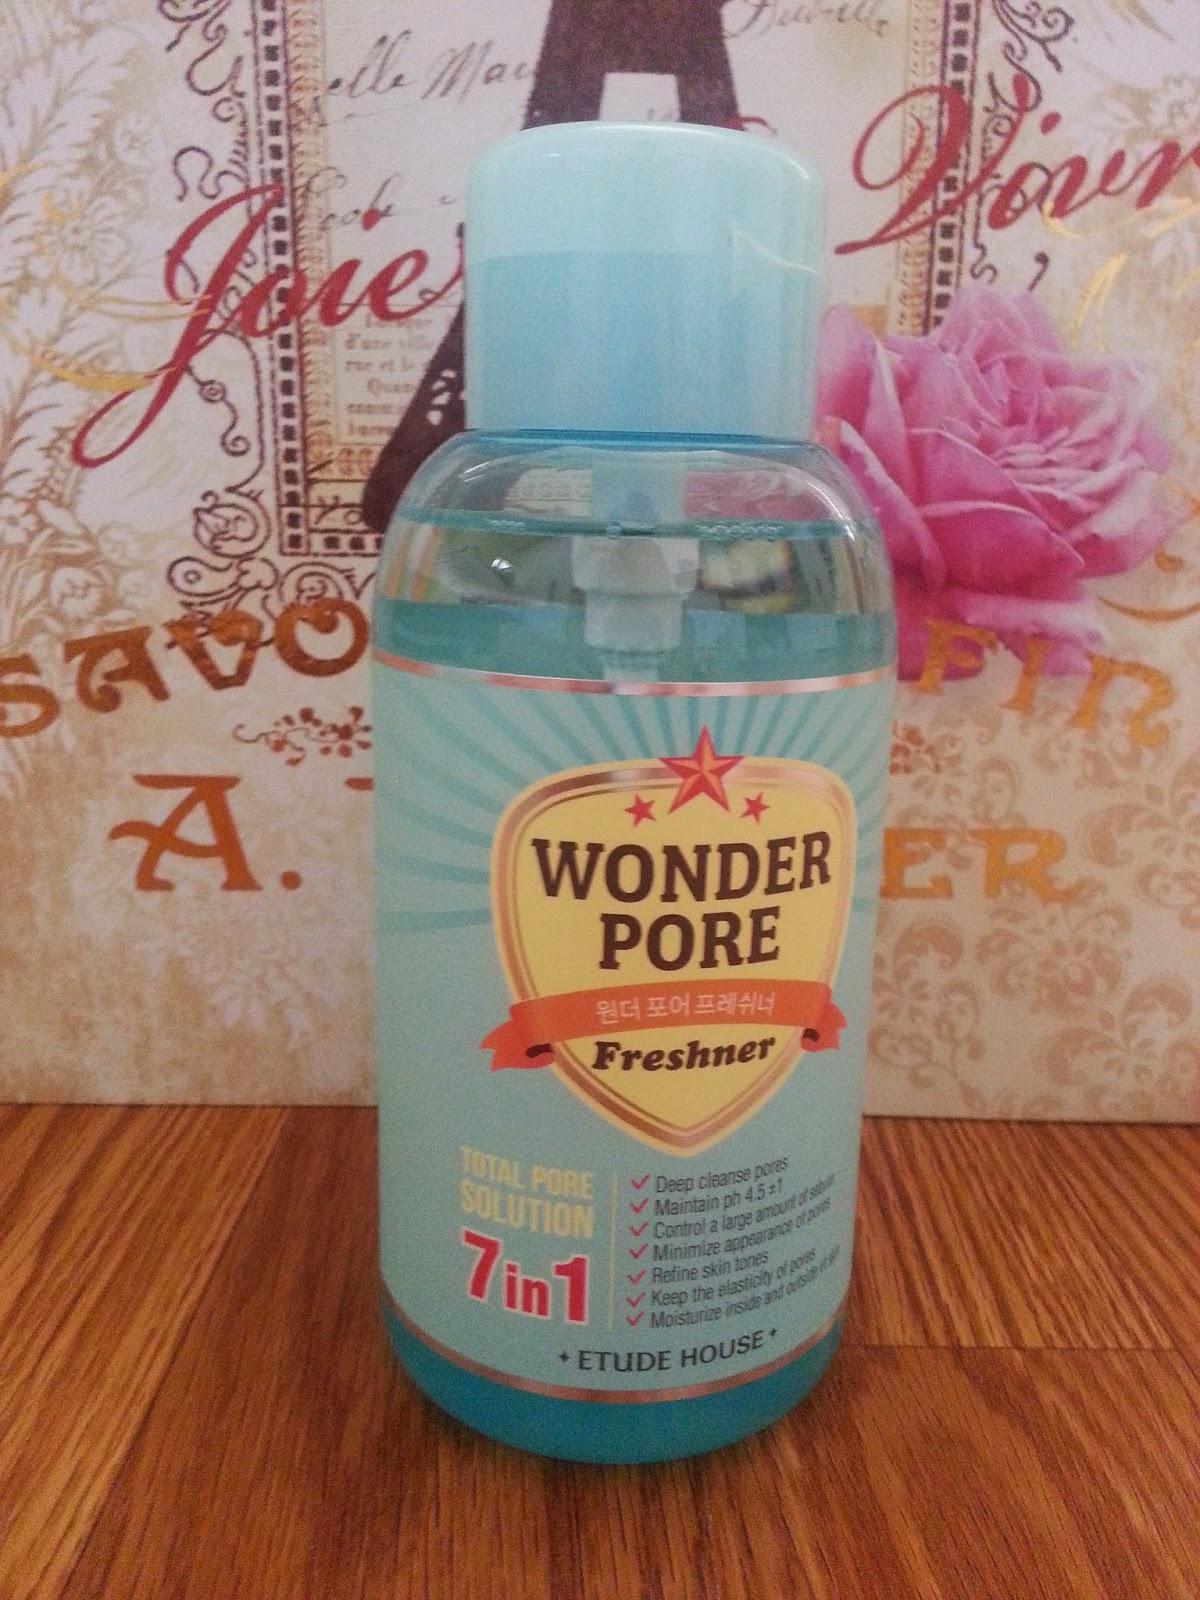 Etude House Wonder Pore Freshner 7 in 1